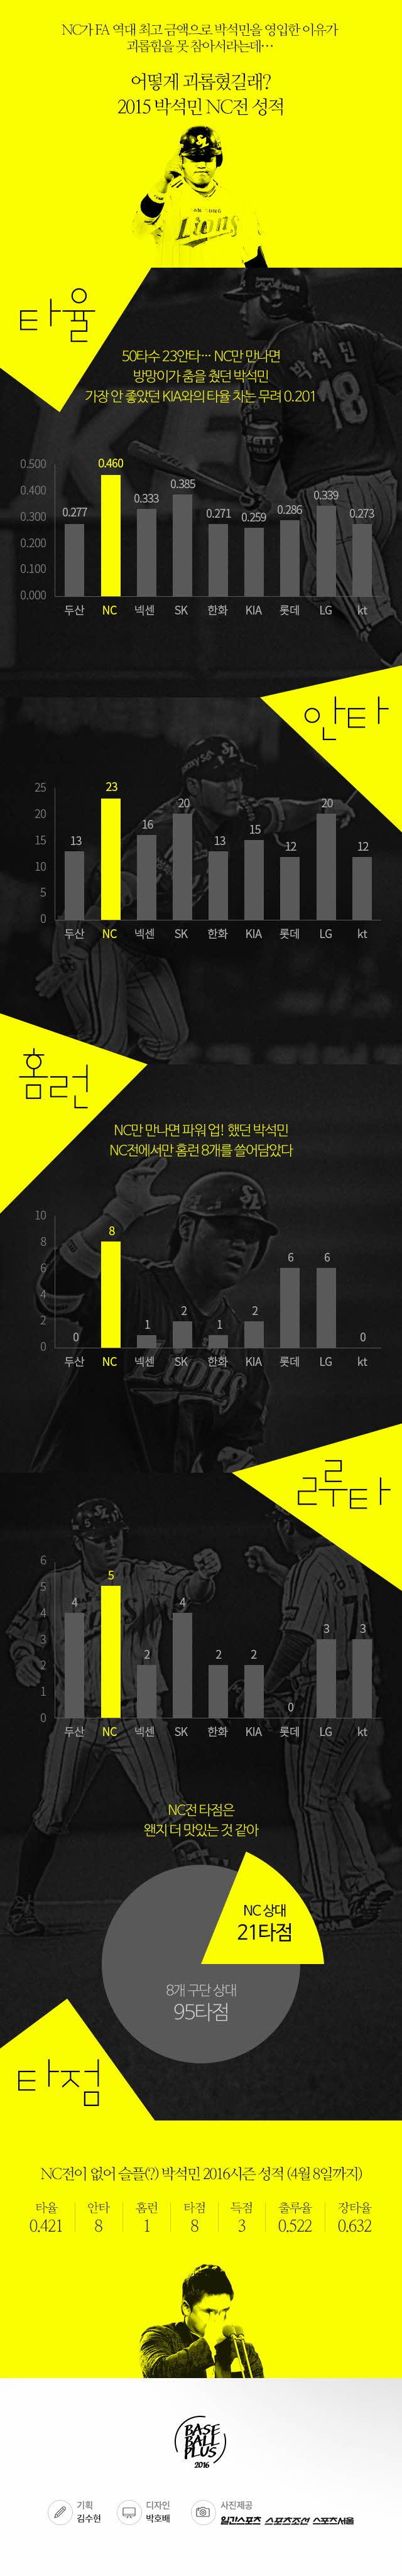 01 베이스볼플러스_20160412 Ver02.jpg.jpg